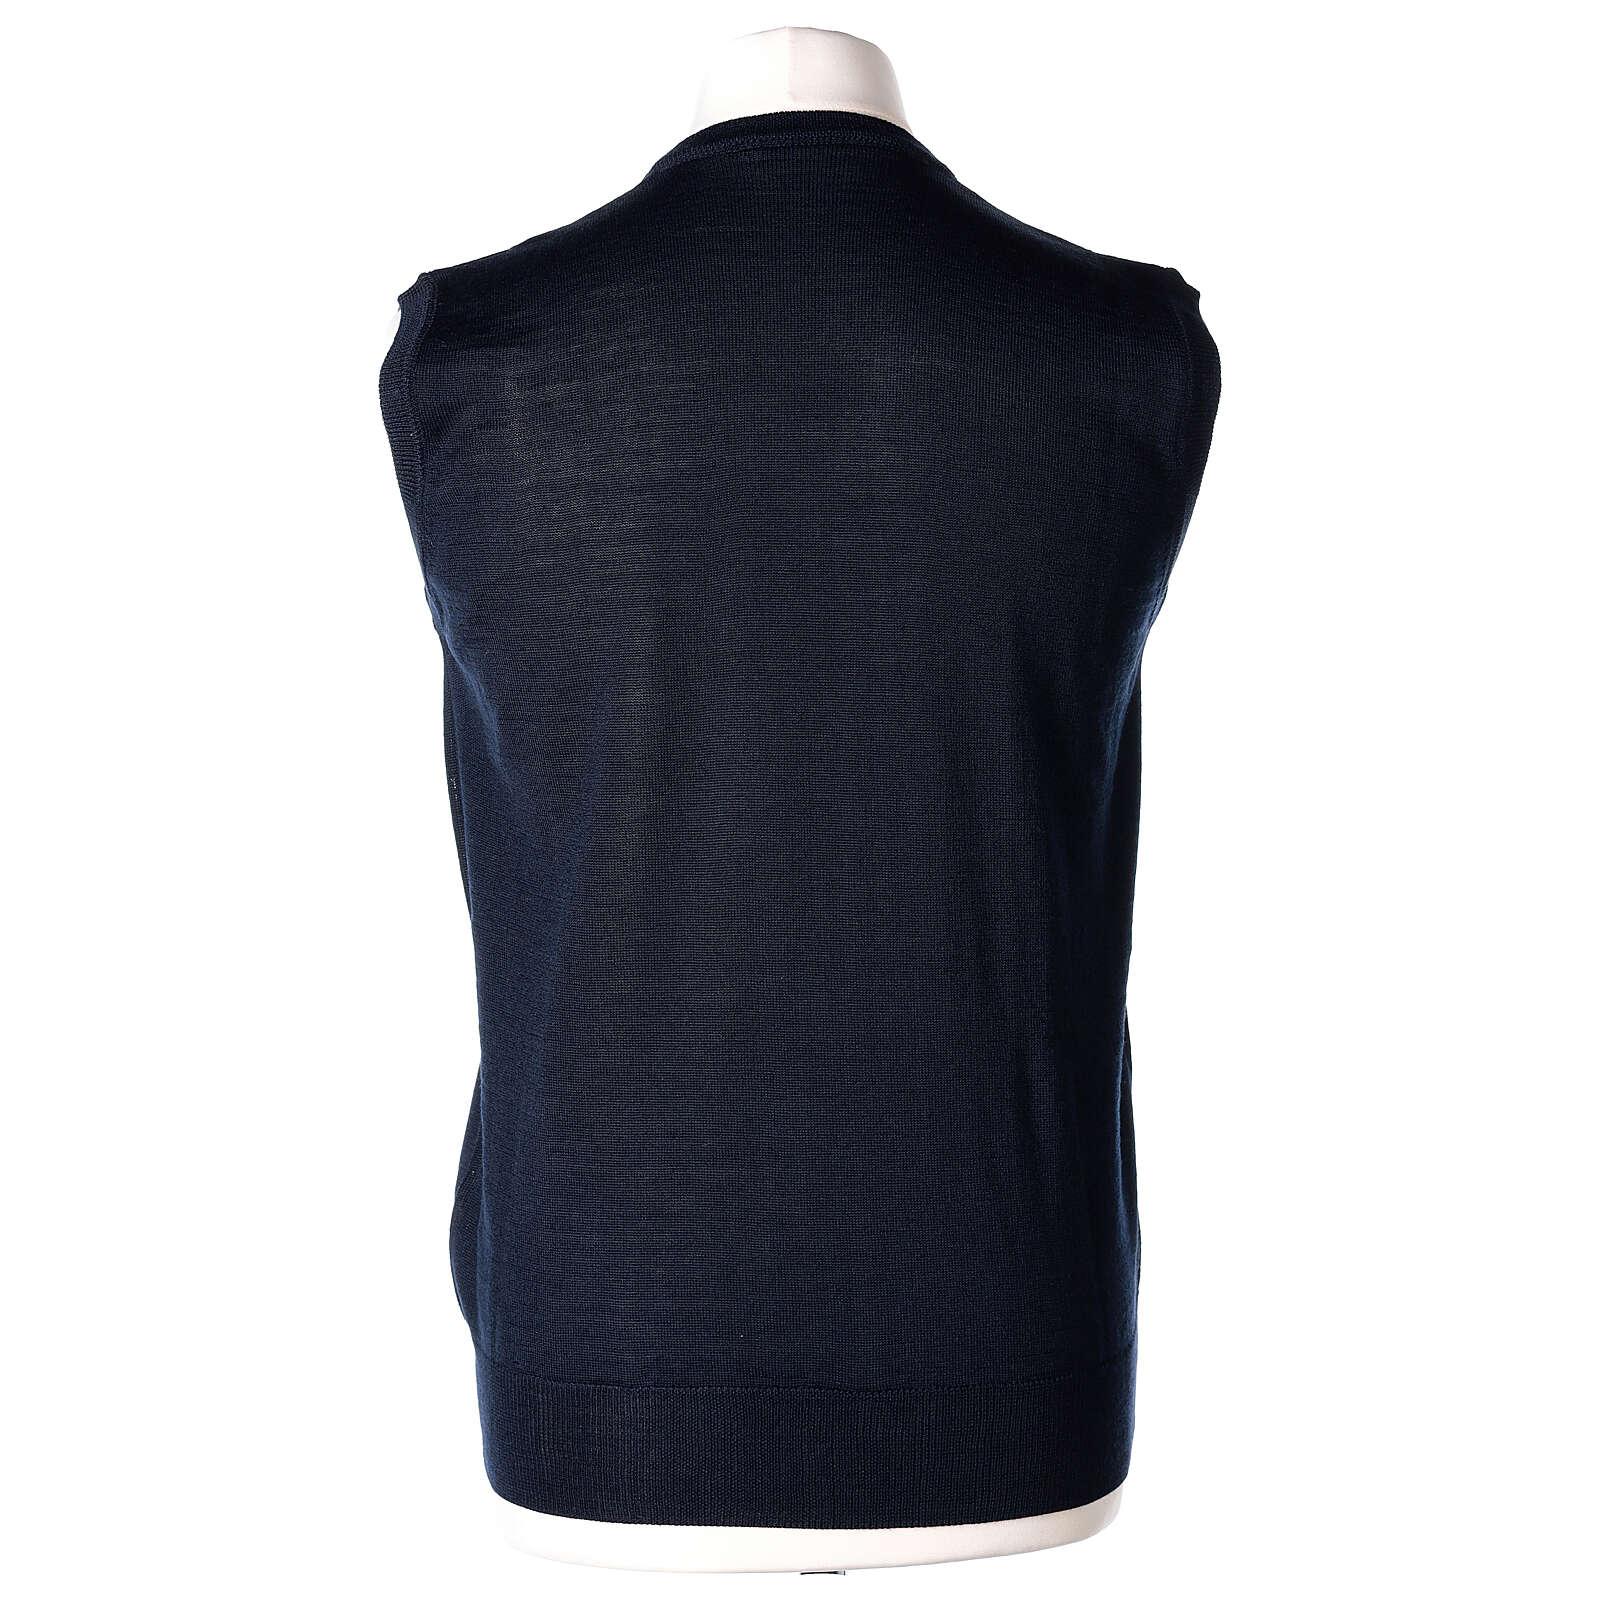 Chaleco sacerdote azul cerrado punto al derecho 50% lana merina 50% acrílico In Primis 4